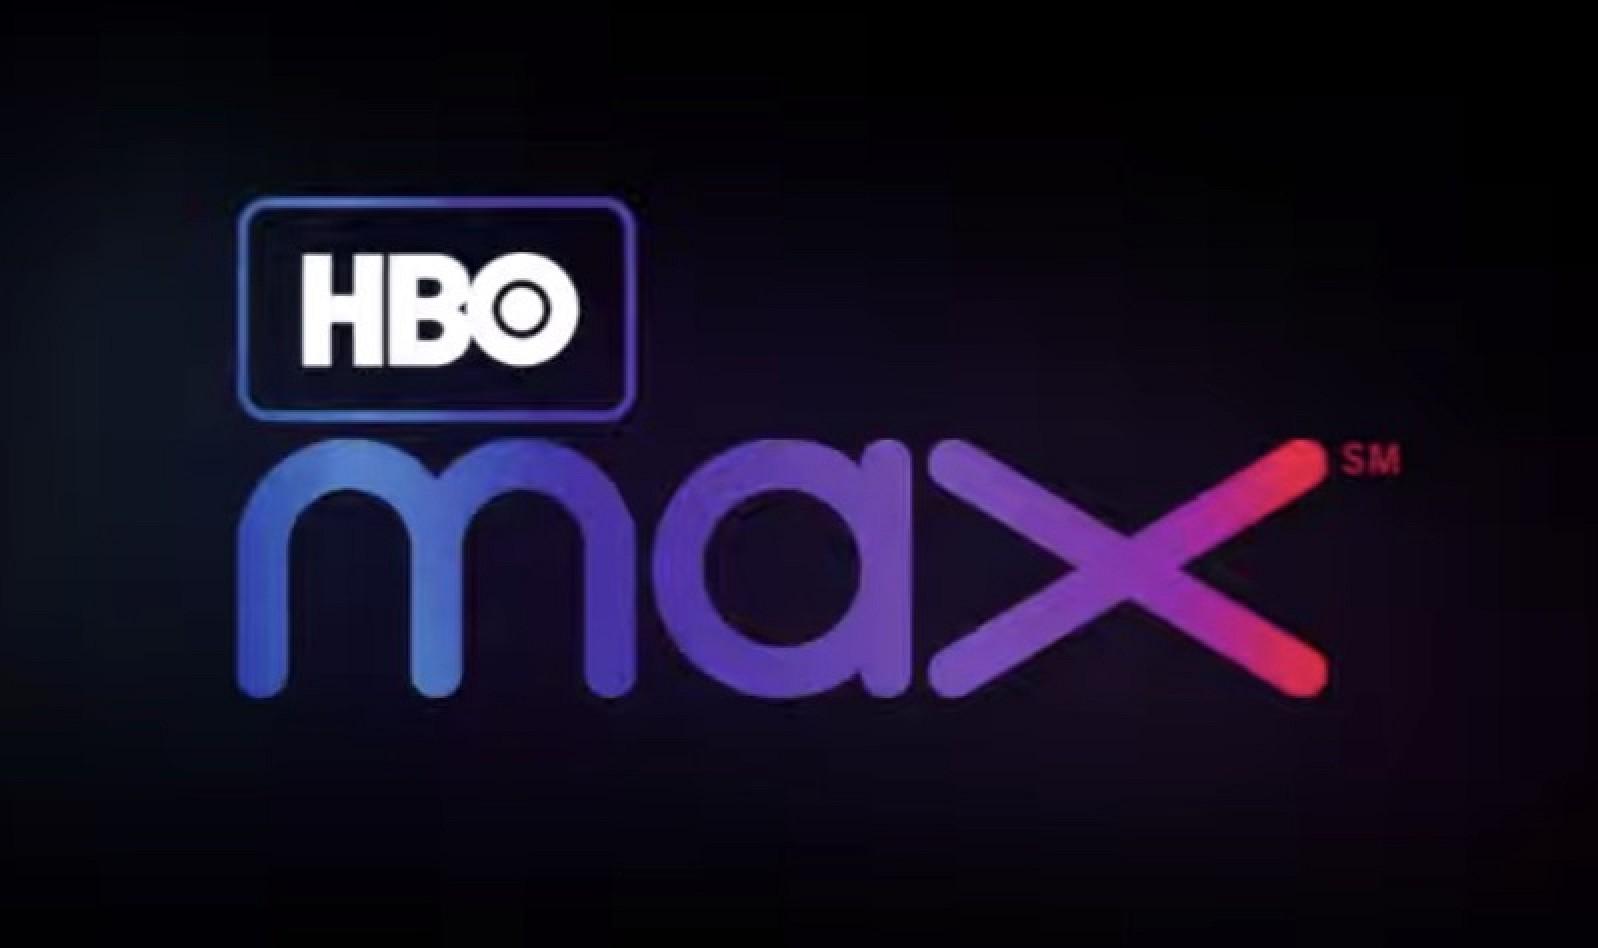 WarnerMedia y HBO anuncian un nuevo servicio de transmisión 'HBO Max' en la primavera de 2020